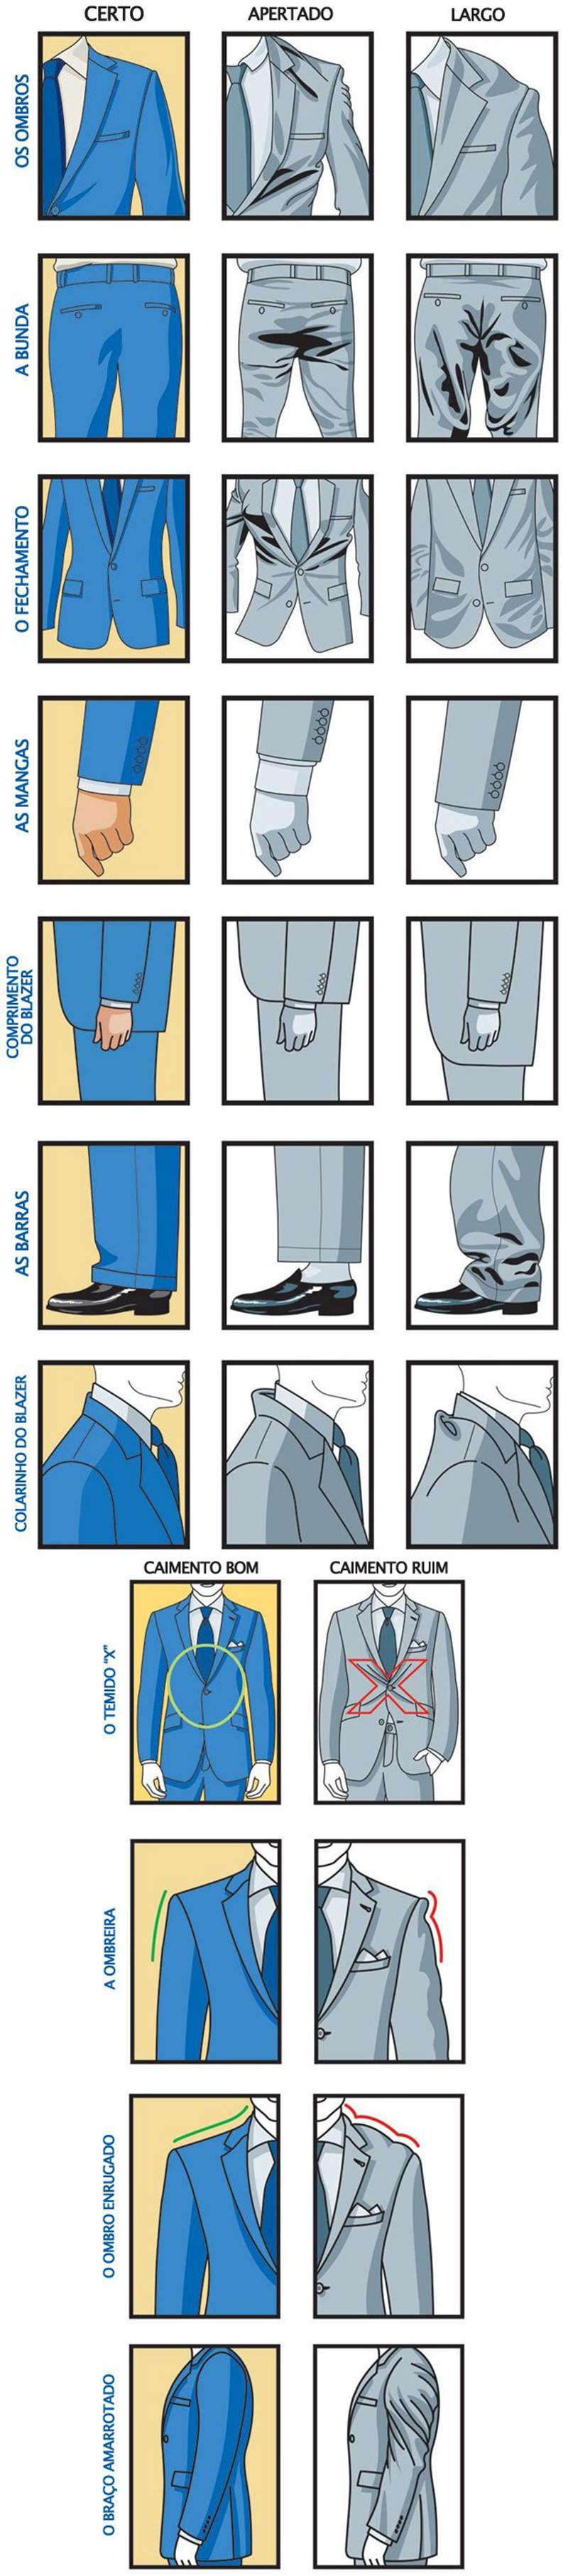 guia-do-noivo-terno-como-escolher